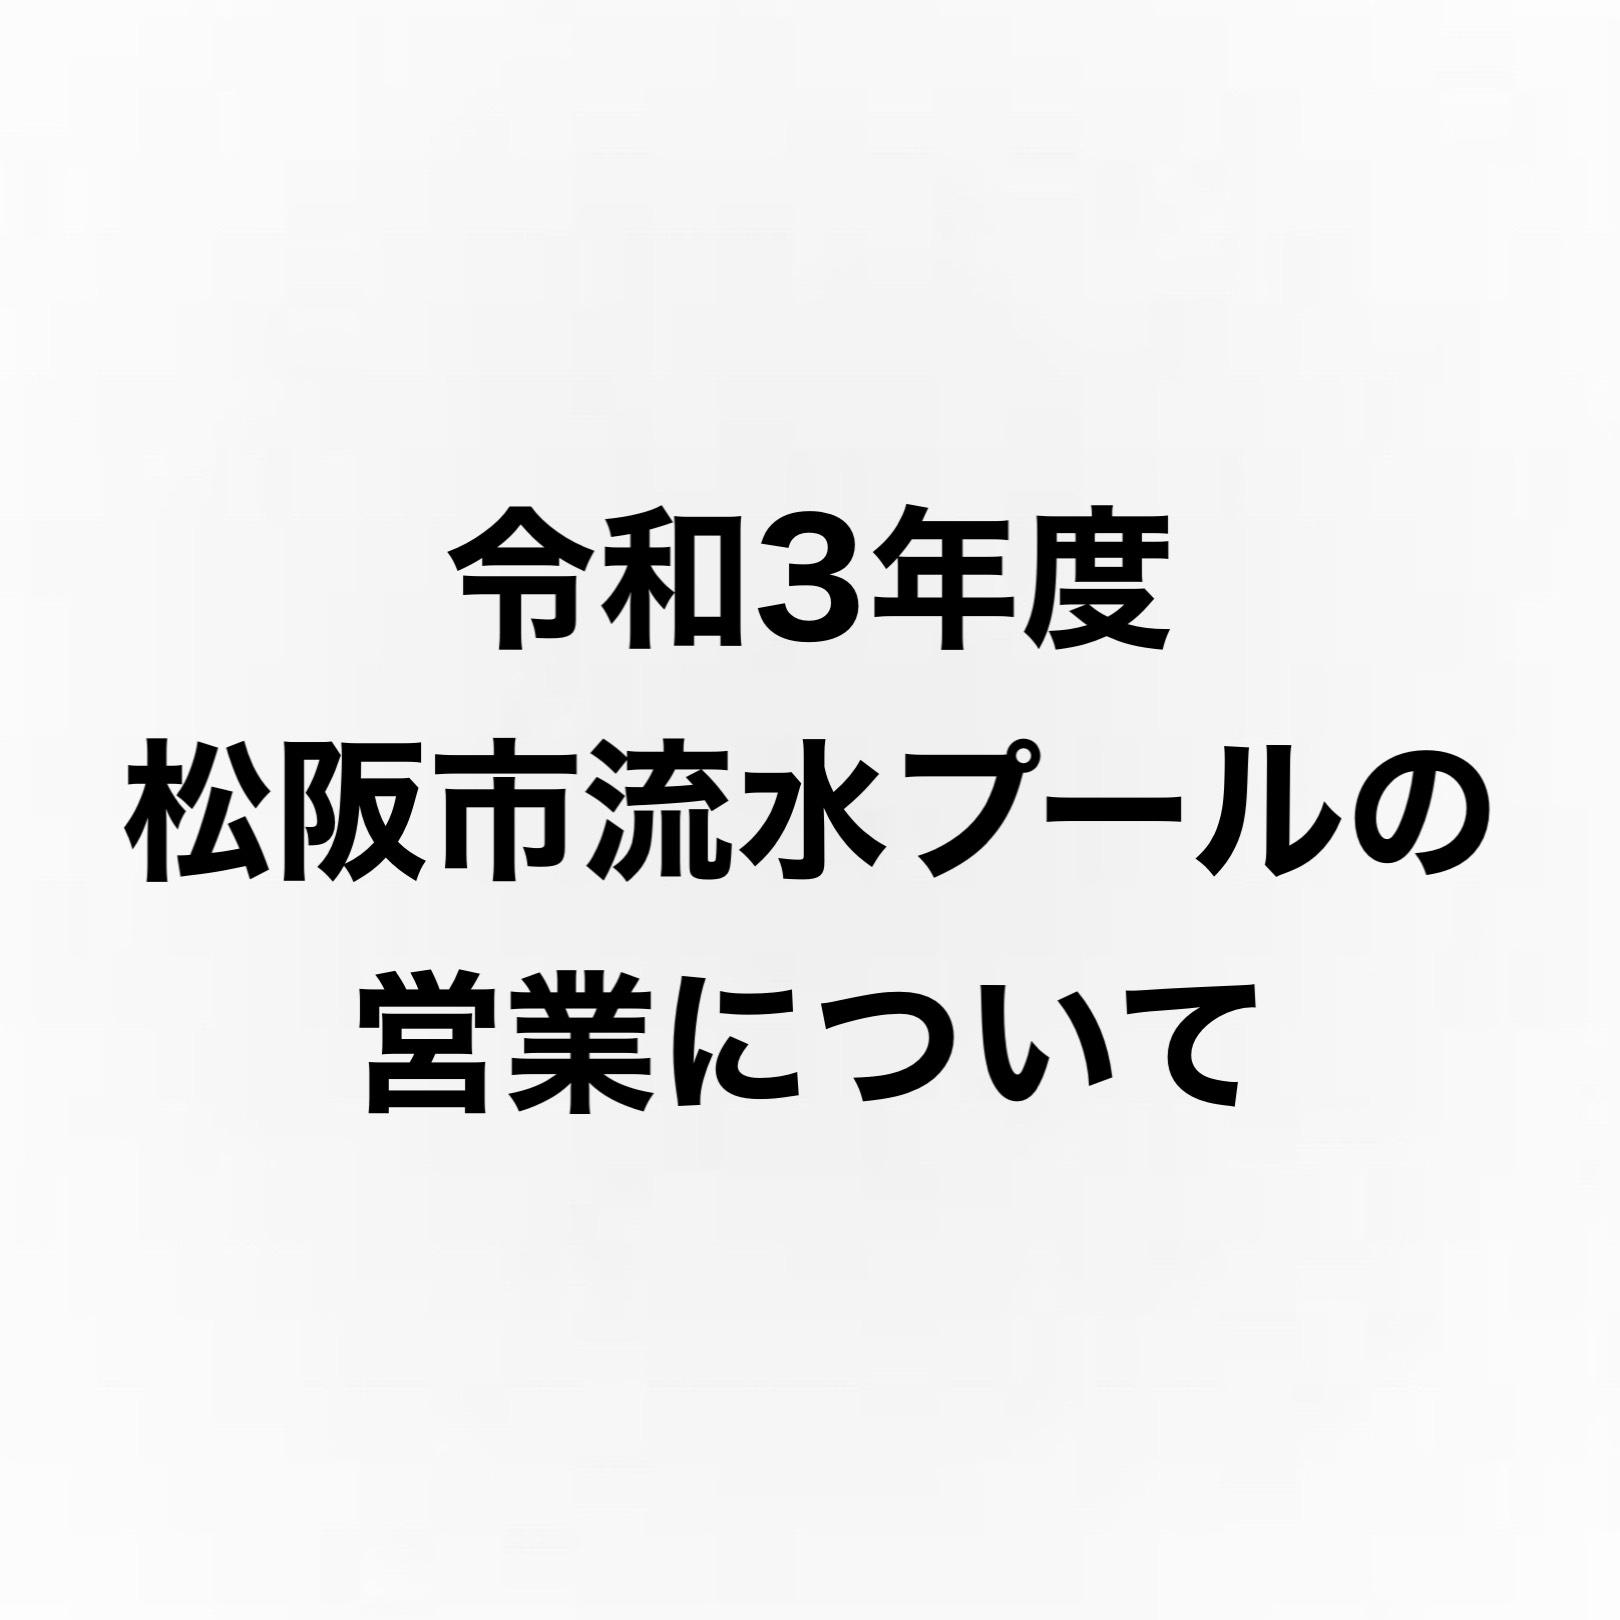 令和3年度松阪市流水プールの営業について